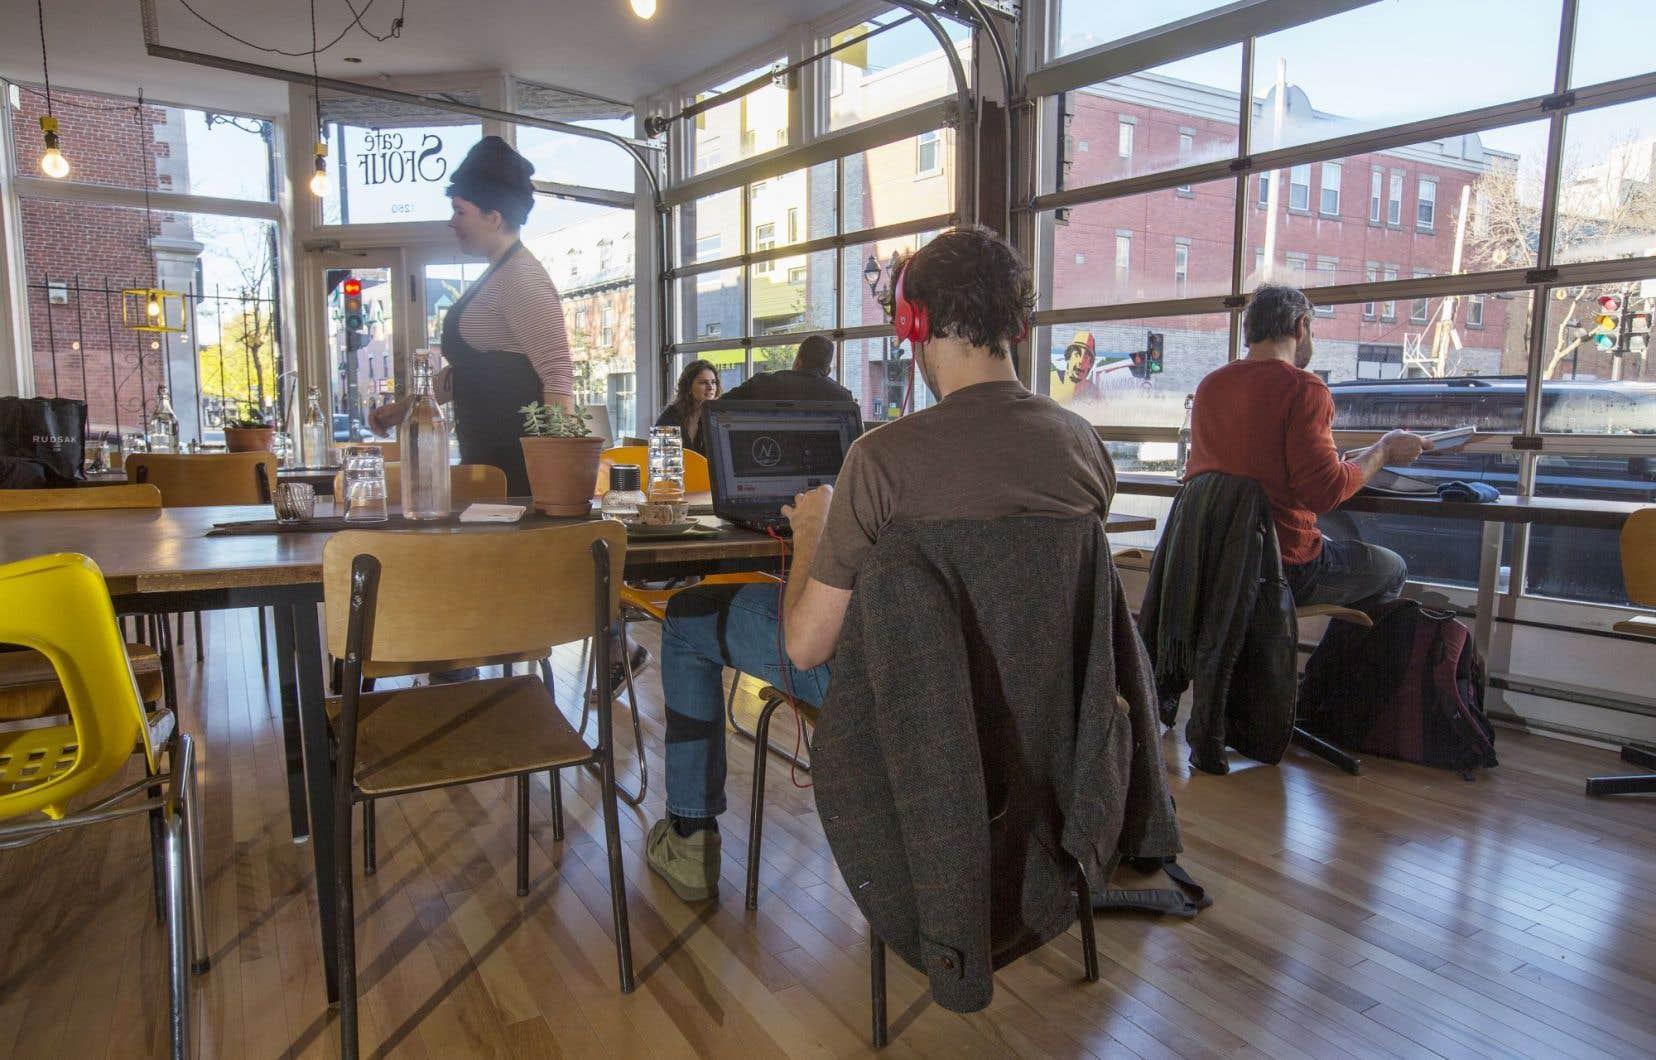 La propriétaire du café Sfouf, Gaby Kassas, avait déjà le local dans sa mire quand elle a choisi de s'établir dans le Centre-Sud. La consultation populaire, menée par Potloc, a vraiment confirmé qu'elle avait fait le bon choix.